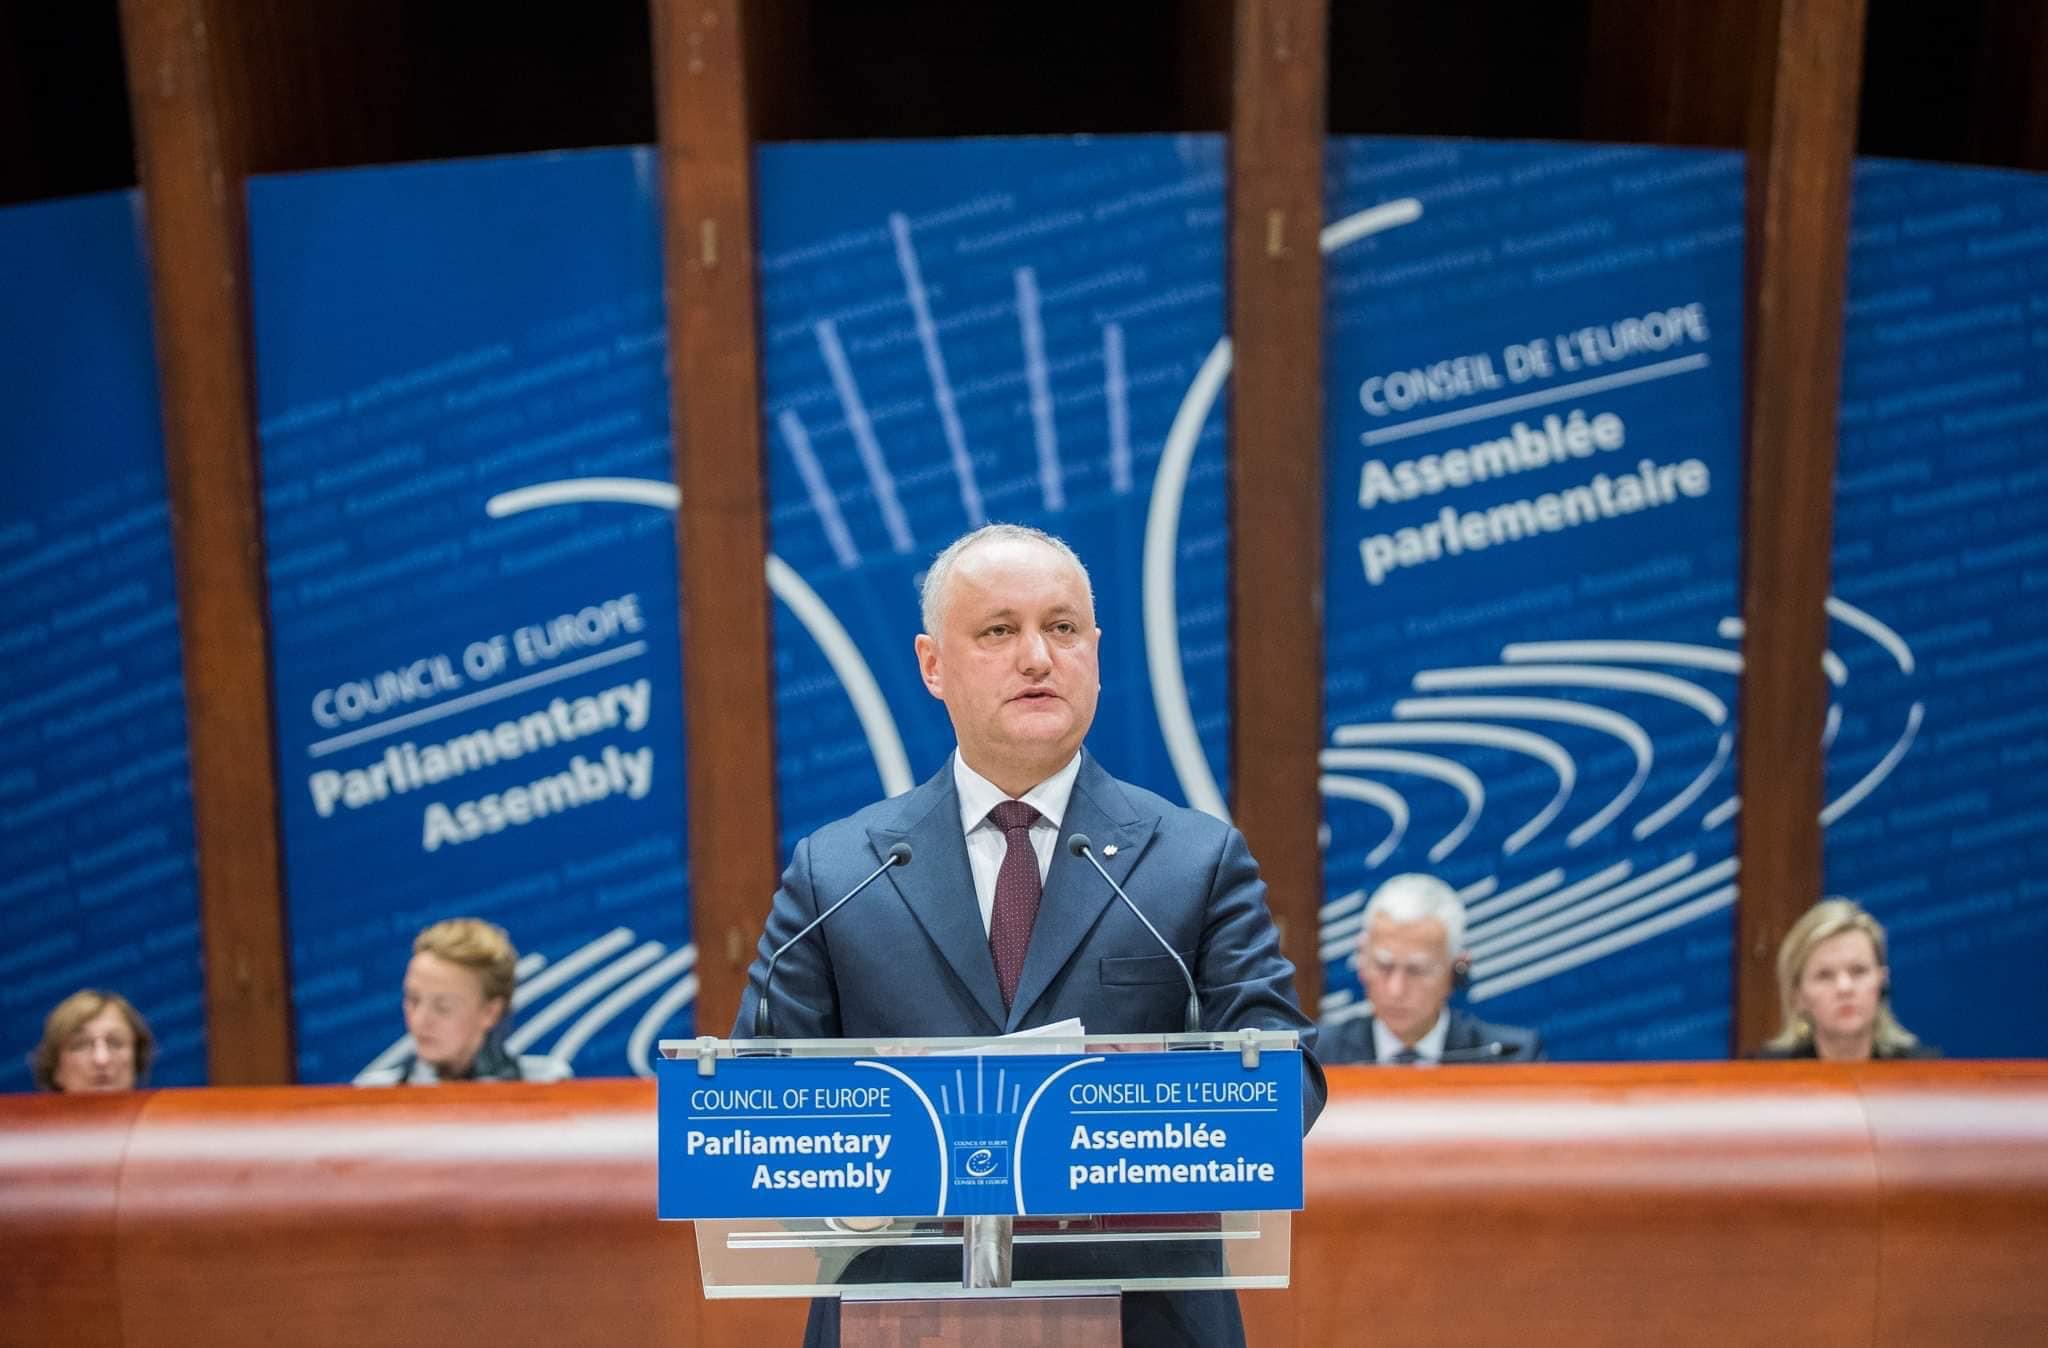 Додон: В поле зрения администрации президента, парламента и правительства остается соблюдение прав и свобод человека в Приднестровском регионе